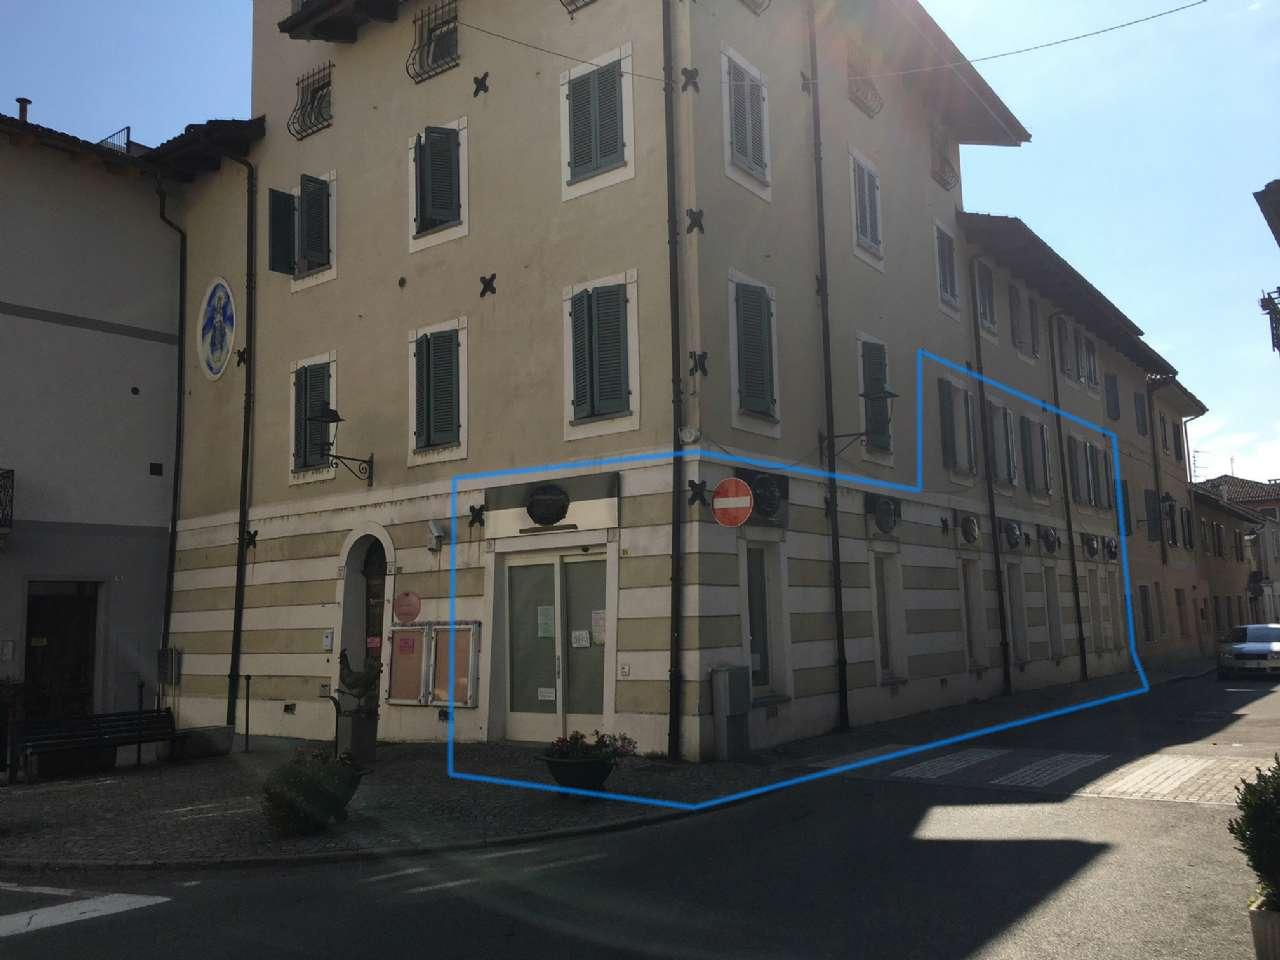 Ufficio / Studio in affitto a Villanova d'Asti, 9999 locali, prezzo € 4.500 | CambioCasa.it